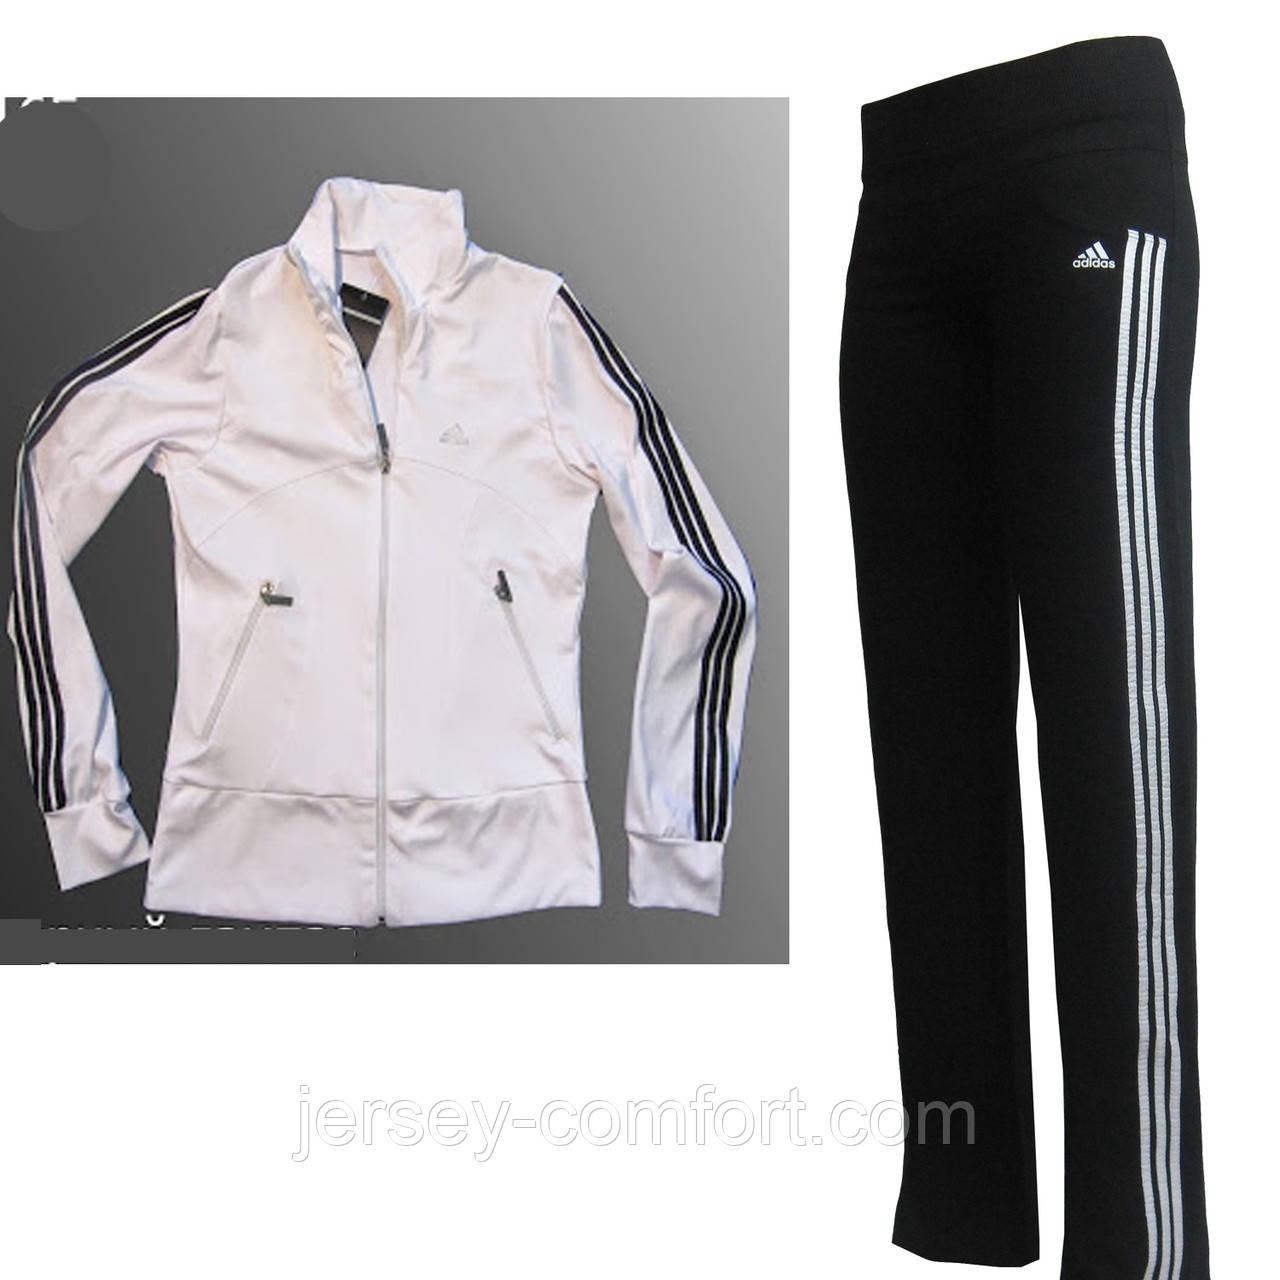 Костюм спортивный  эластан. Белая кофта, брюки черные, лампас белый. Мод. 165.